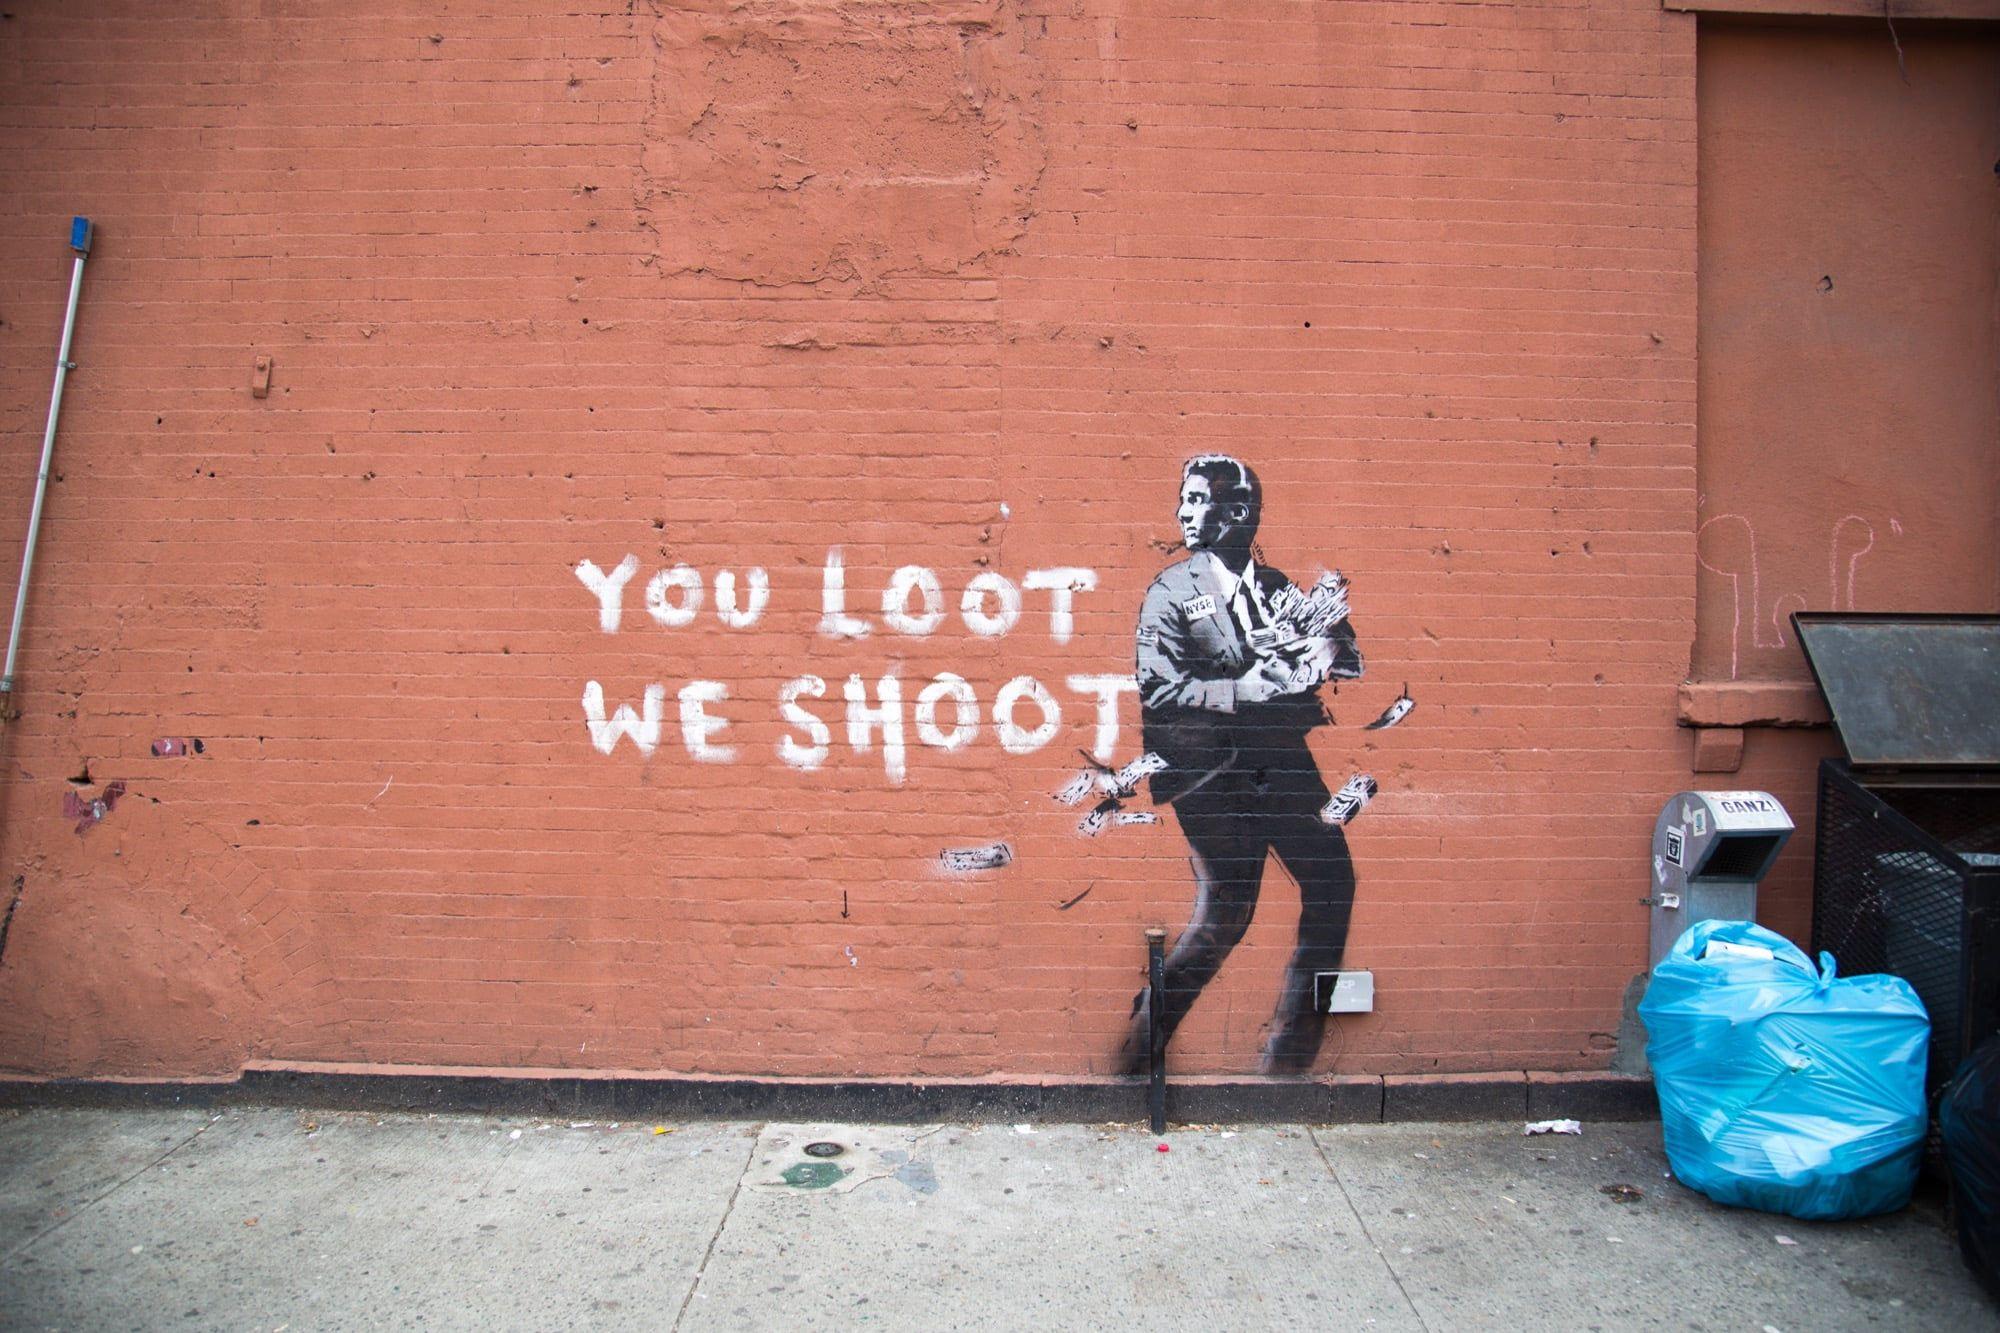 Banksy Graffiti Concrete Urban Wall Street Art 1080p Wallpaper Hdwallpaper Desktop Street Art Wall Street Art Banksy